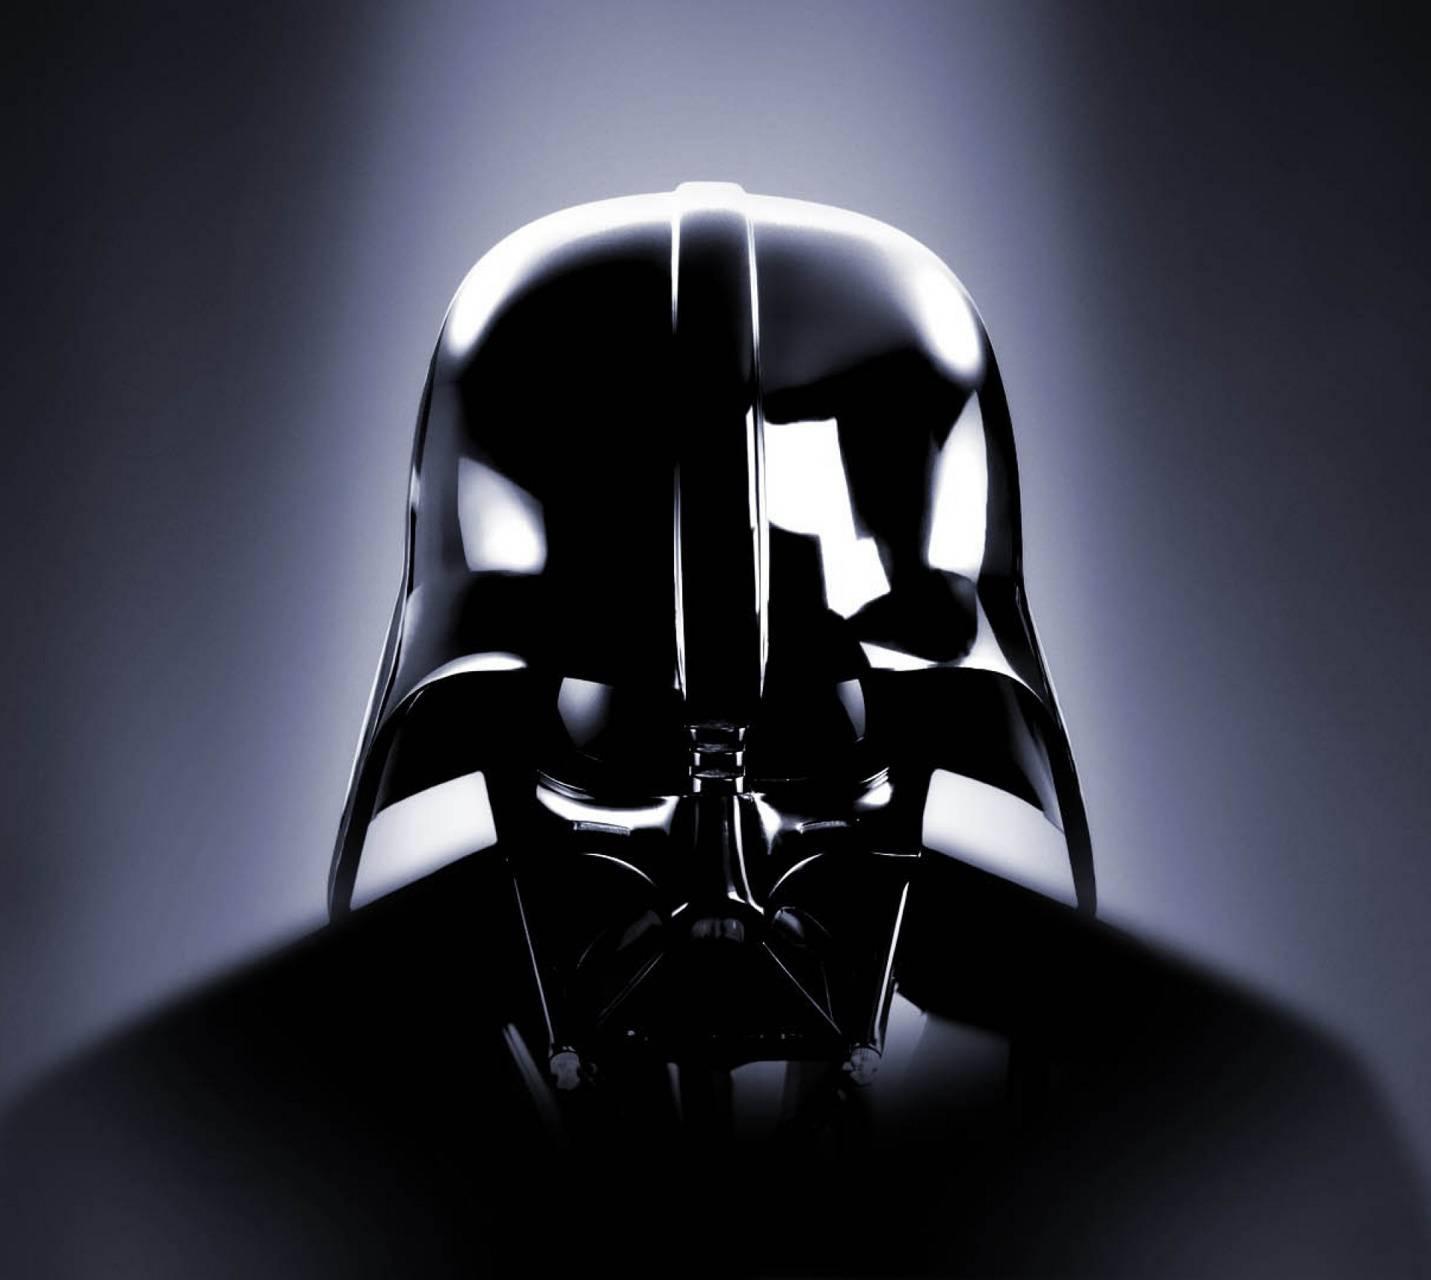 Darth Vader Helmet Wallpaper by rothnroller - ec - Free on